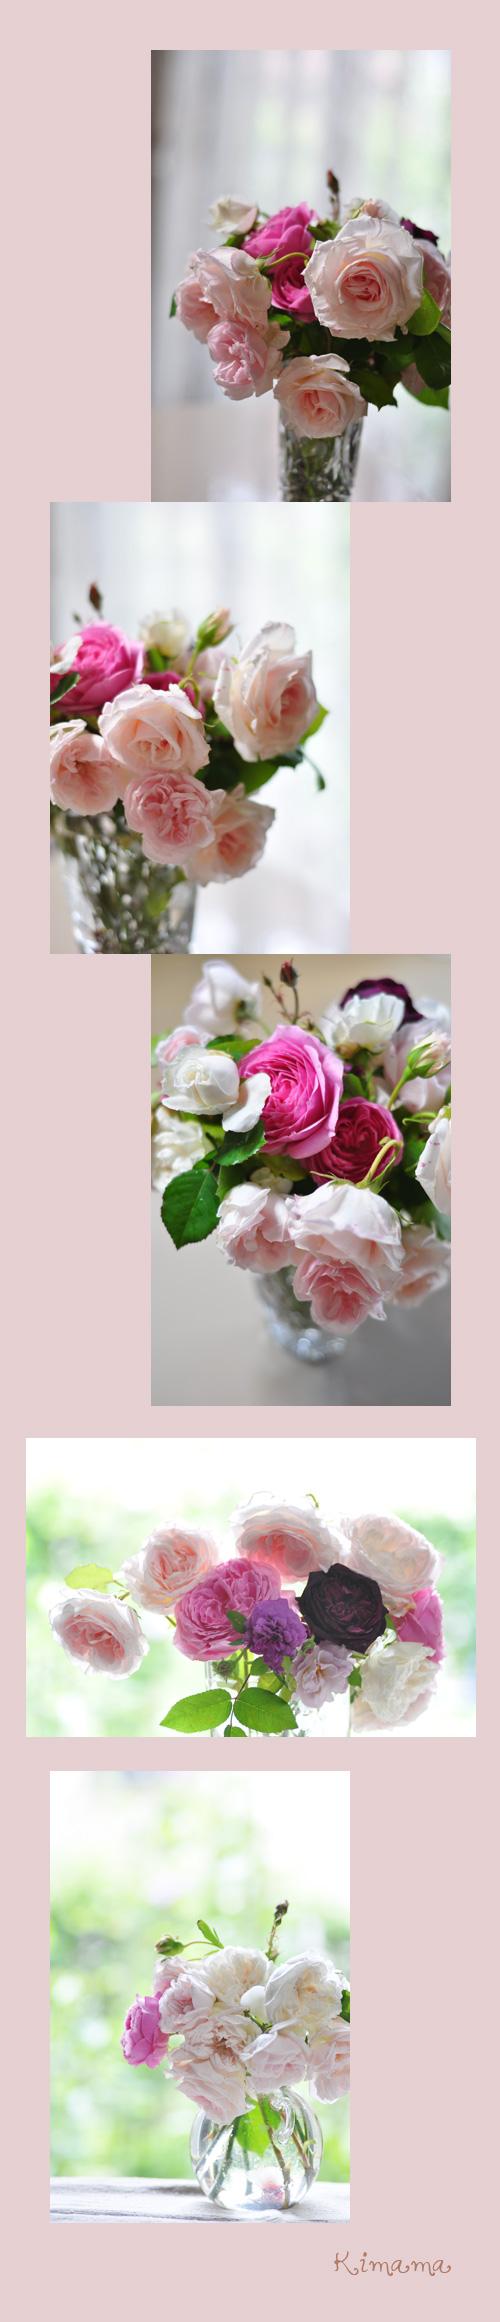 5月22日薔薇5